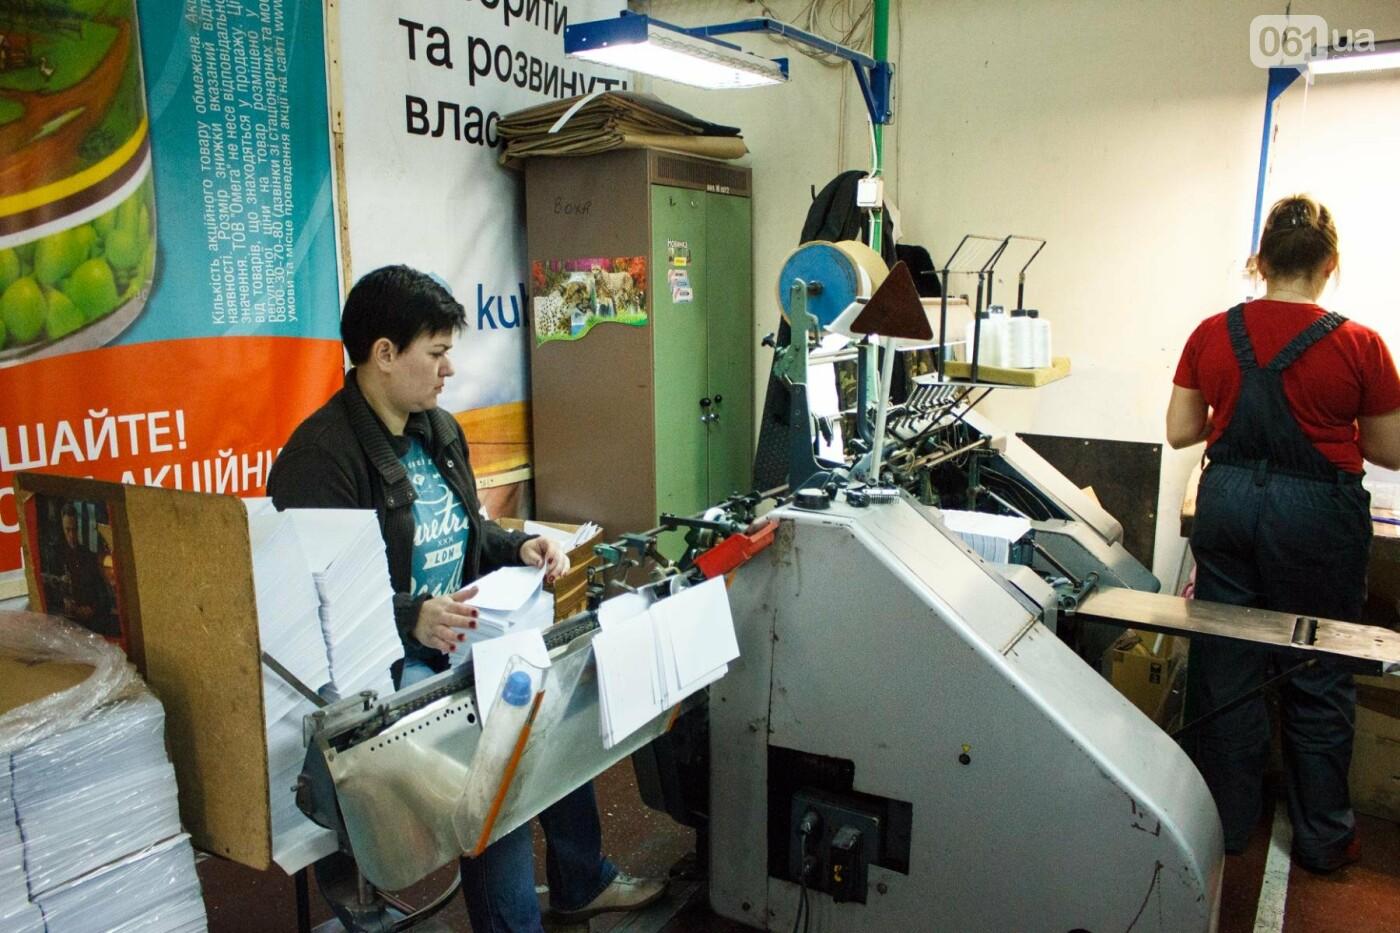 Как в Запорожье печатают газеты: экскурсия в типографию, - ФОТО, ВИДЕО, фото-32